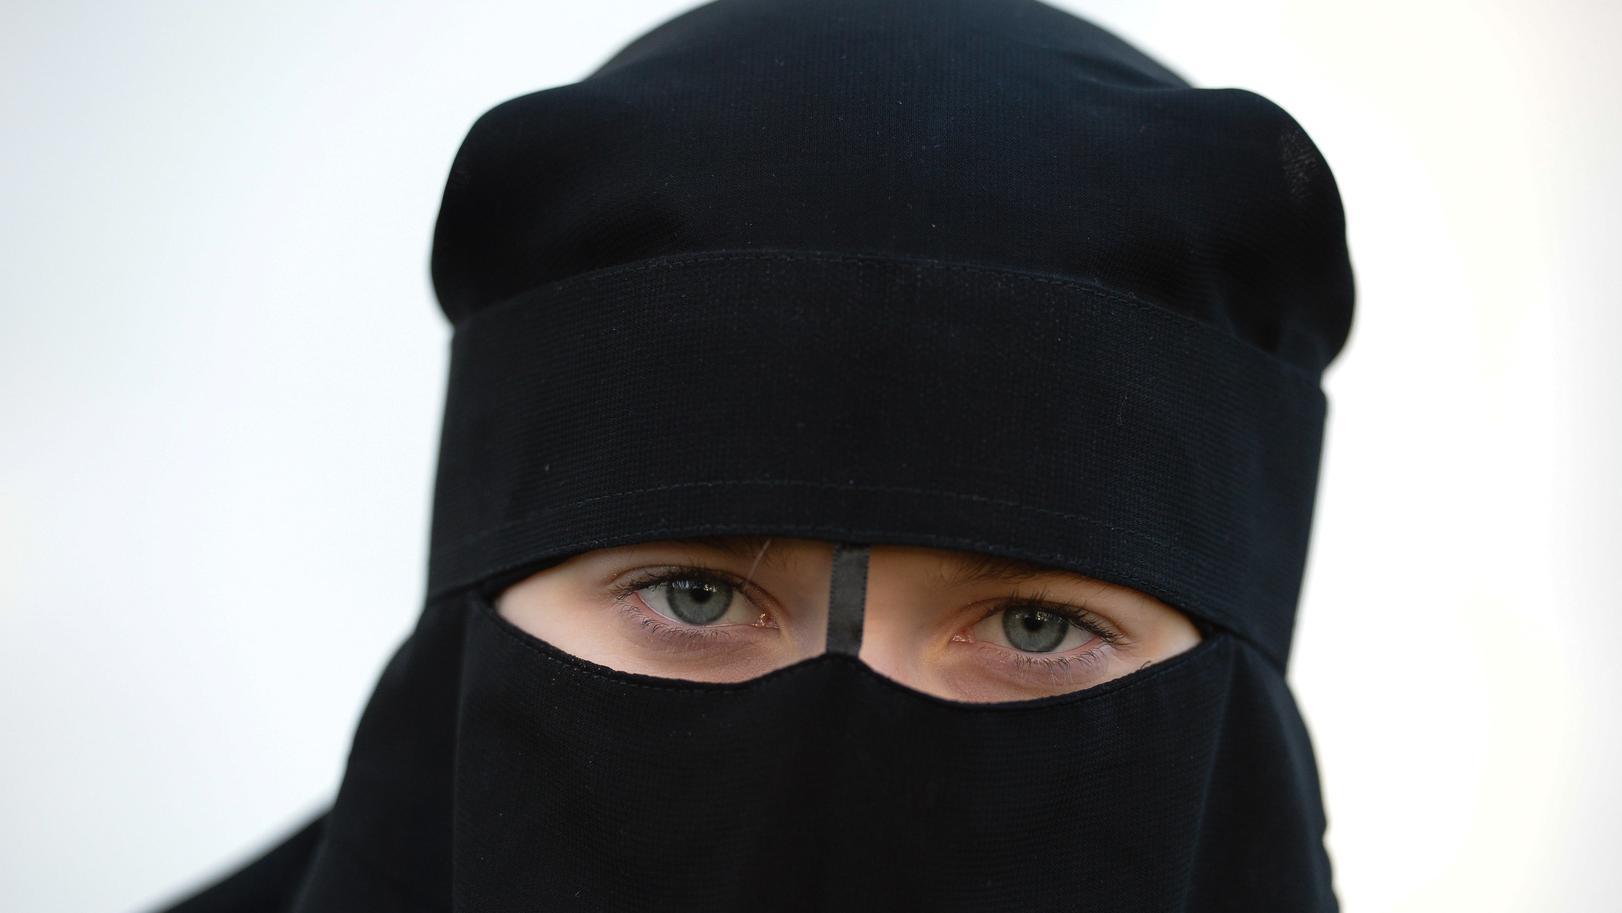 Sachsen, Leipzig: Eine Frau trägt einen Niqab.